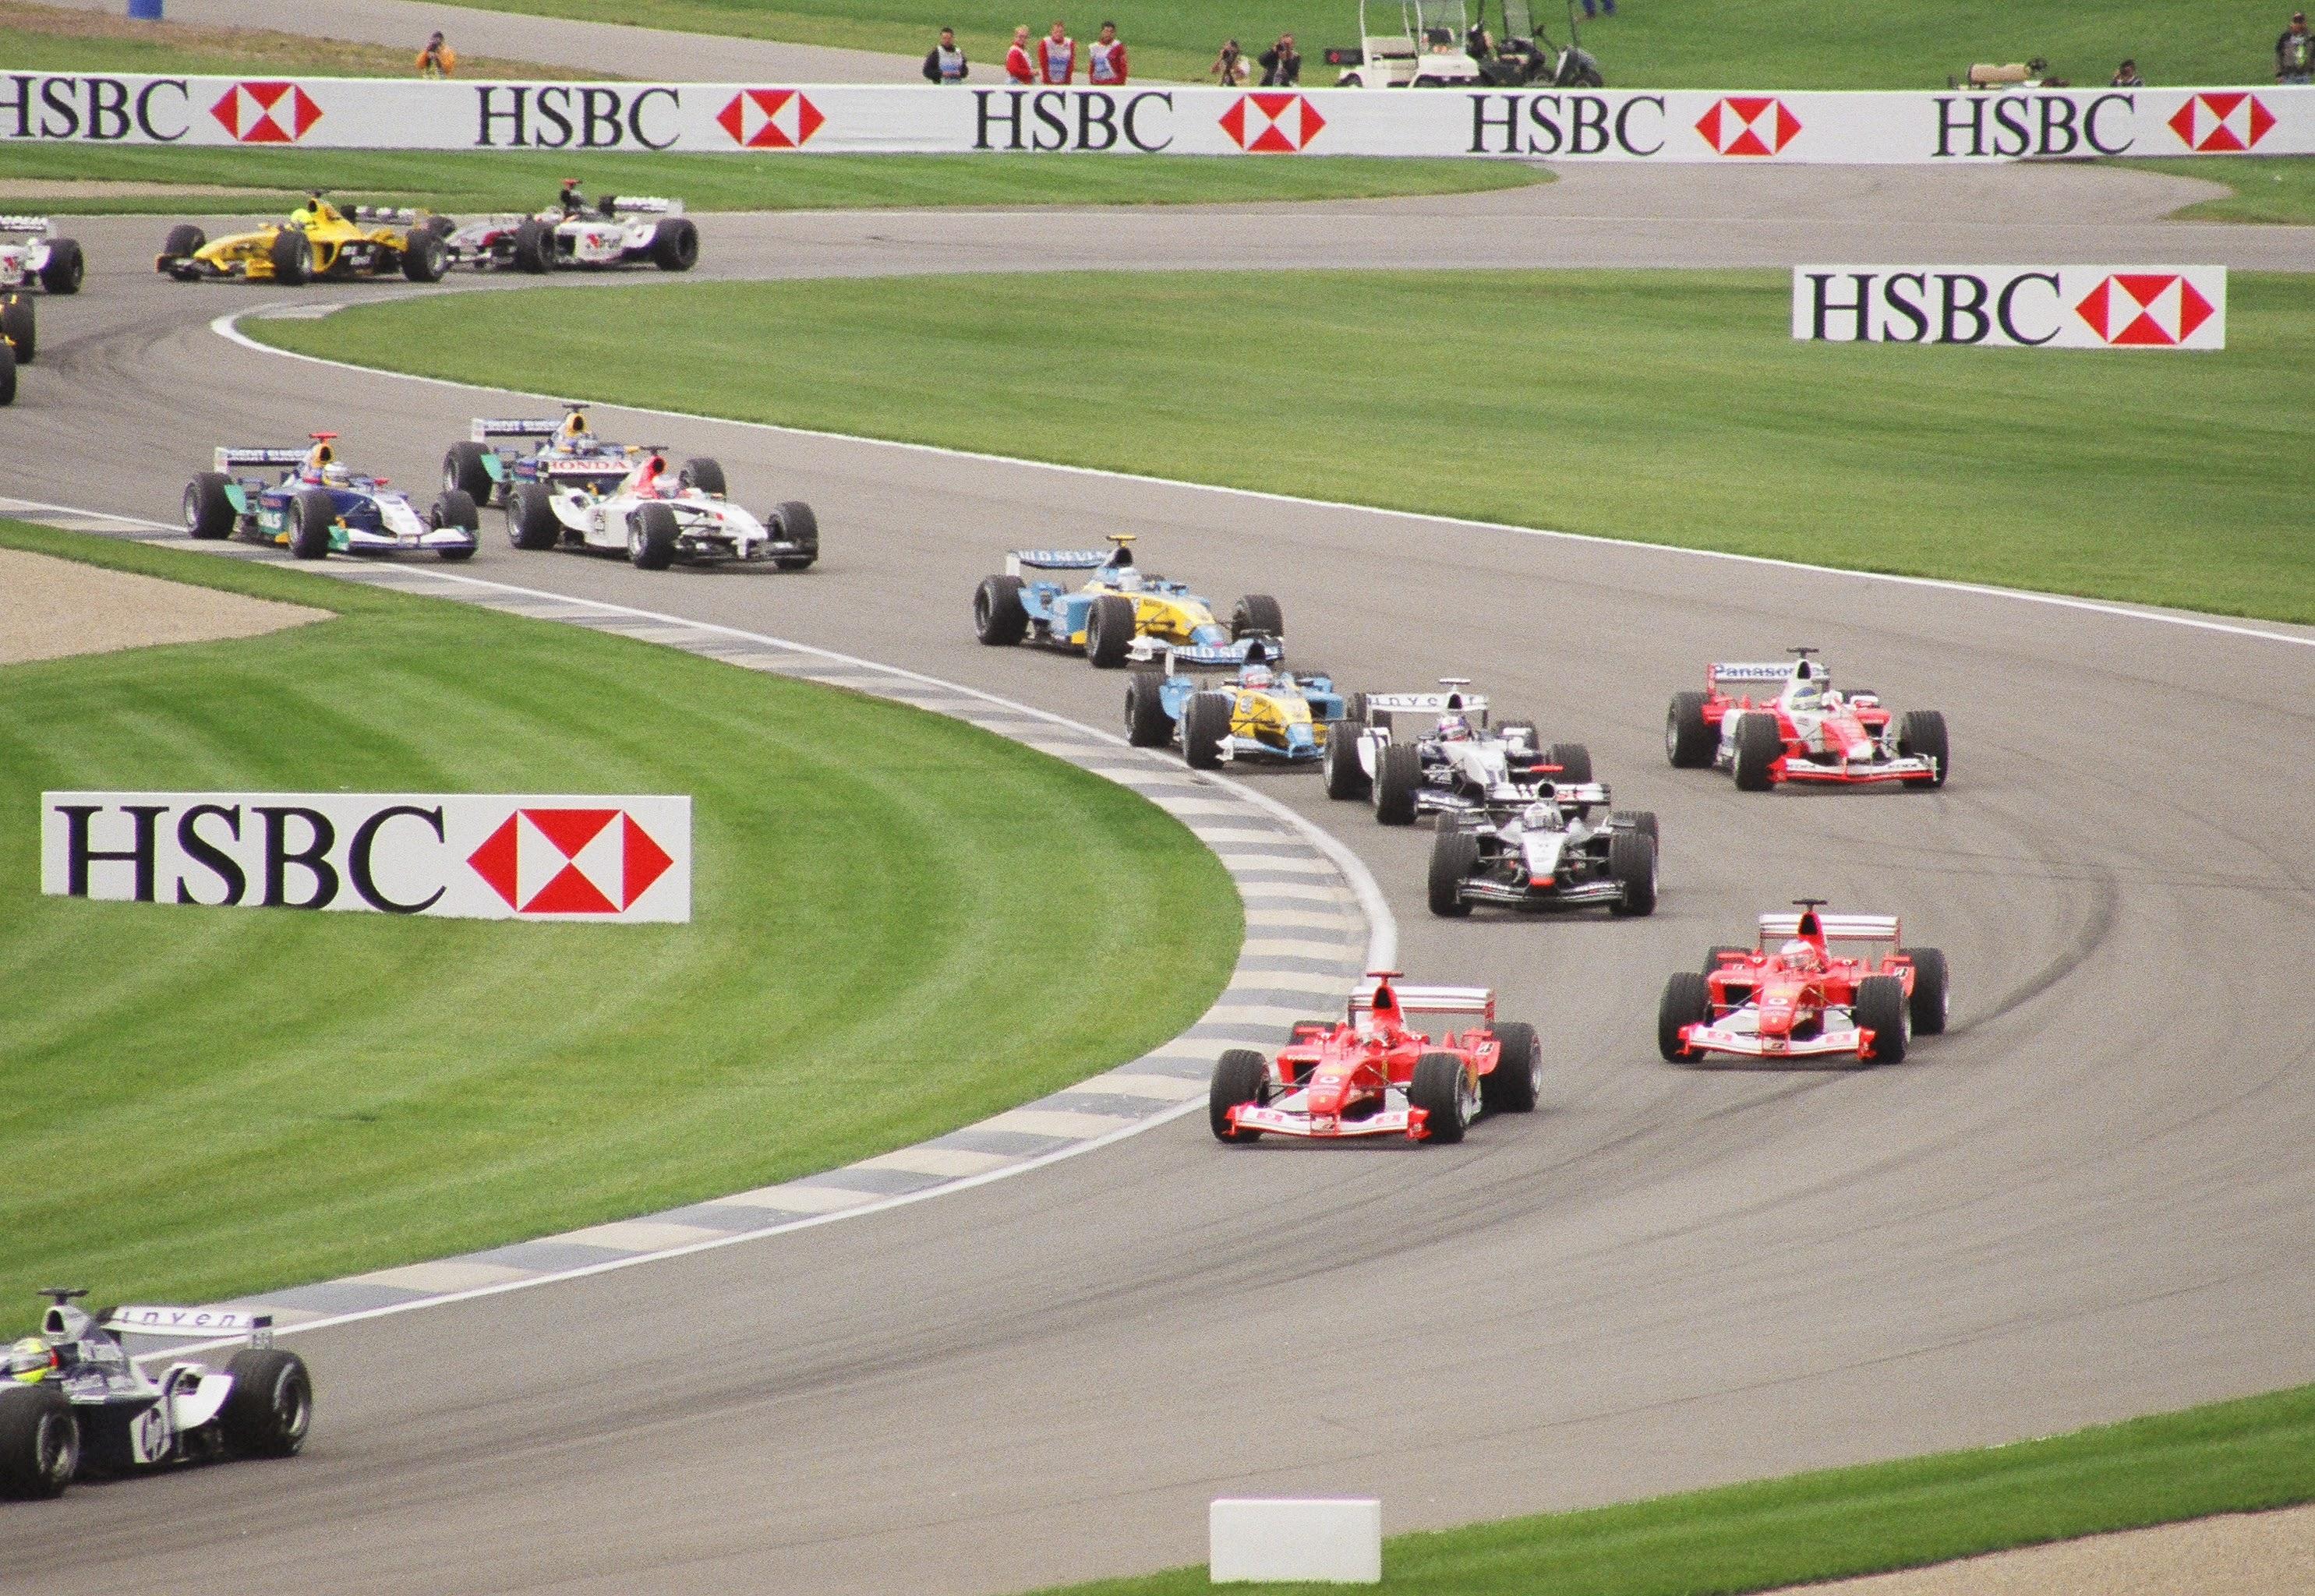 Fórmula 1, La reina del automovilismo